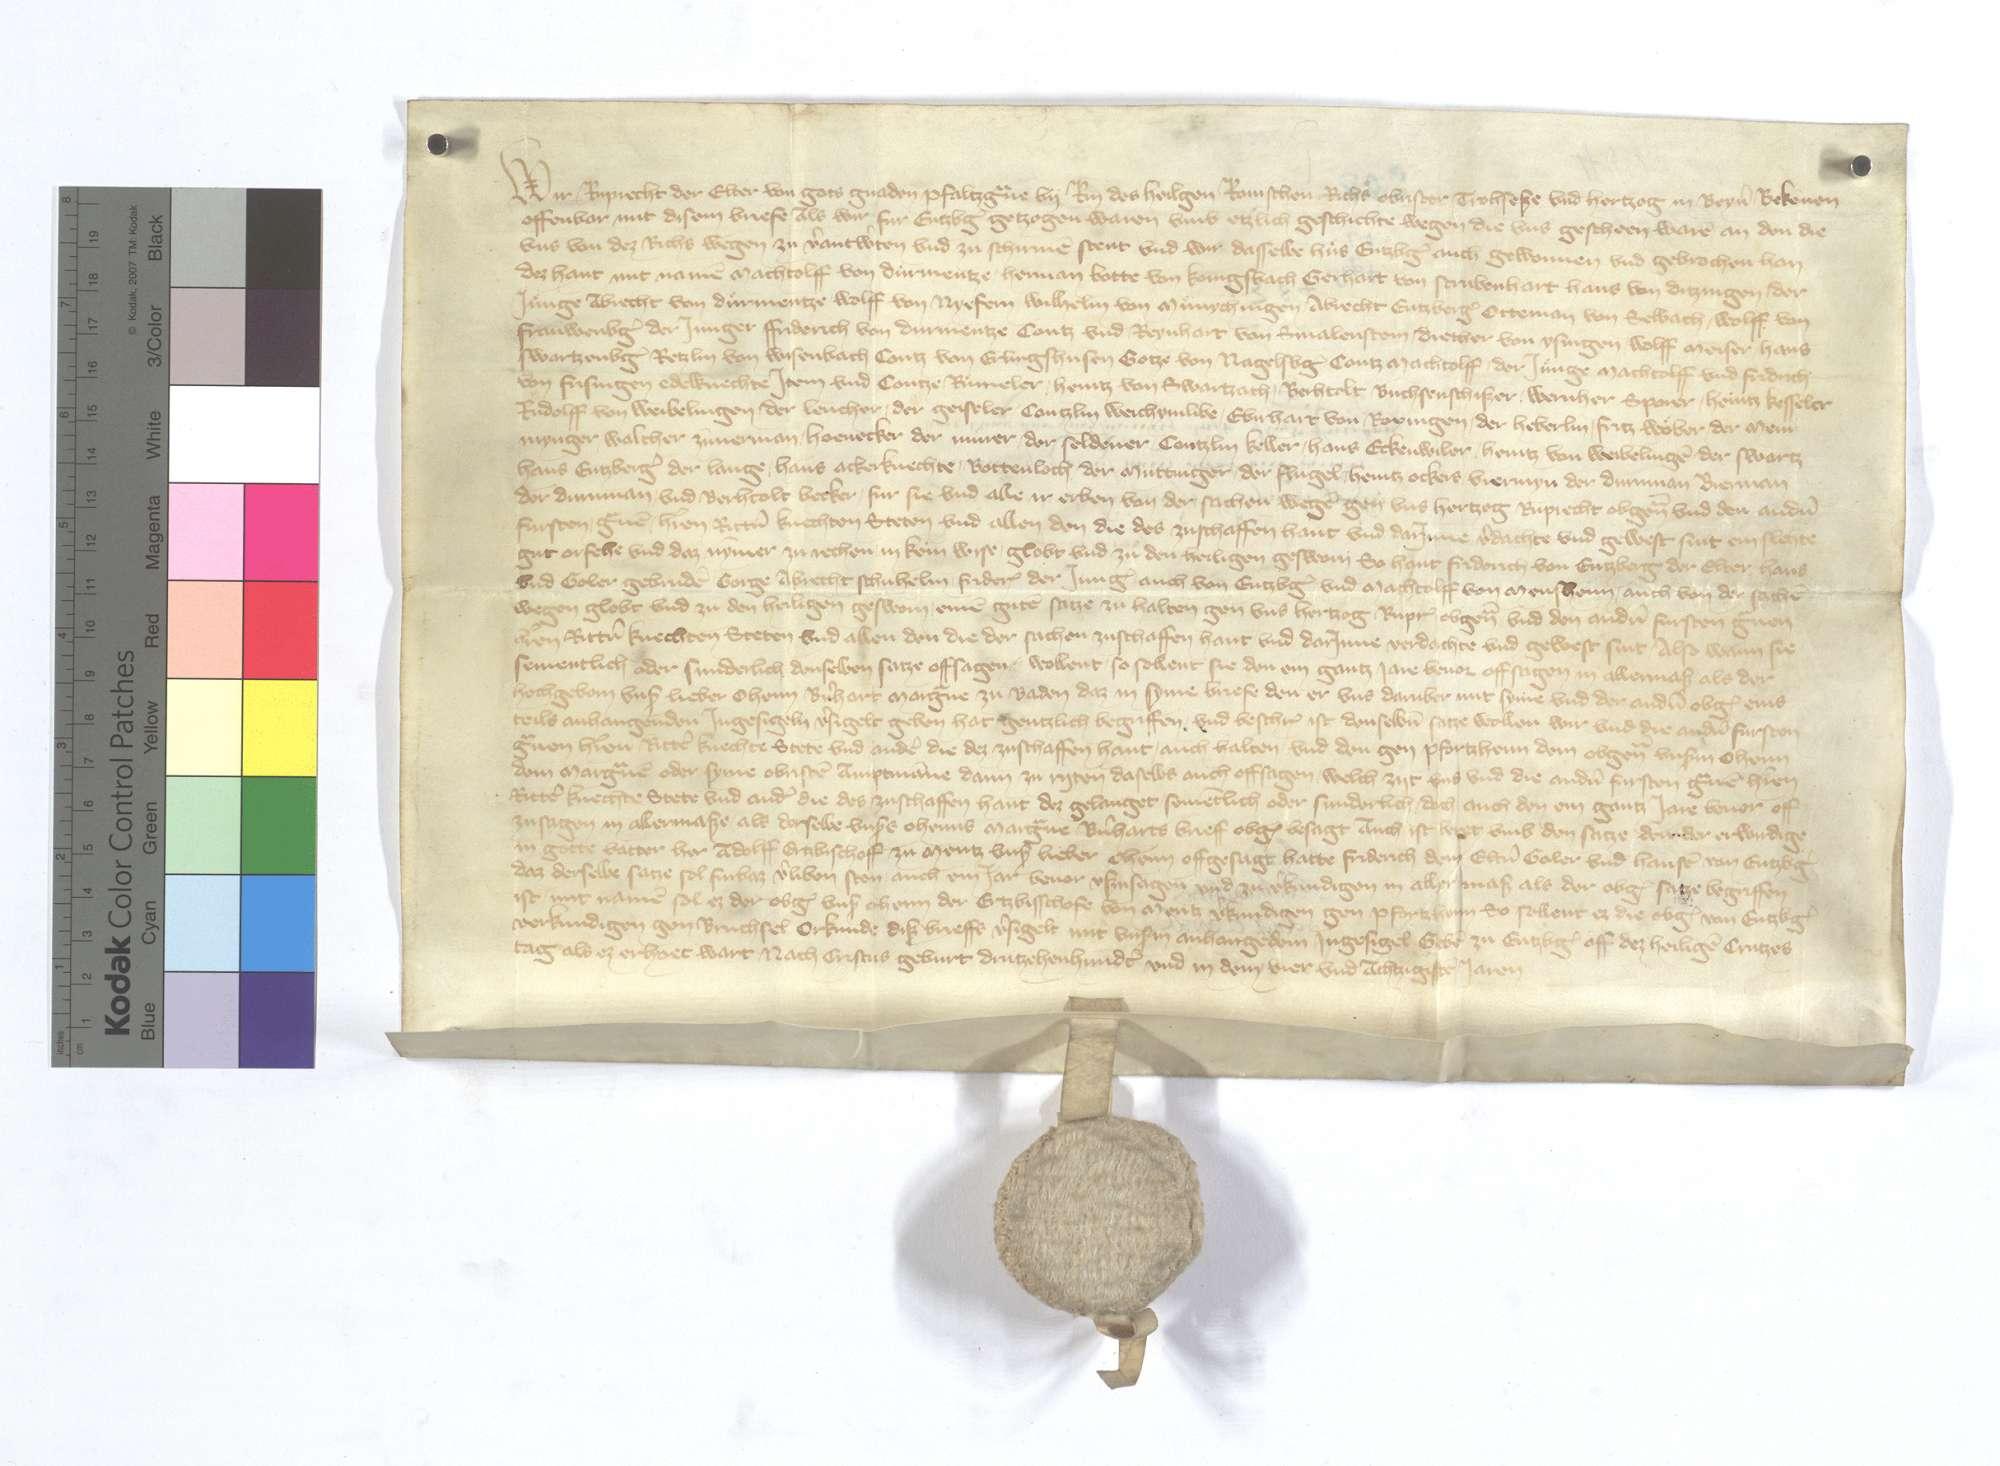 Pfalzgraf Ruprecht, Kurfürst, vergleicht sich mit etlichen von Adel und anderen wegen der Einnahme und Zerstörung der Burg in Enzberg., Text